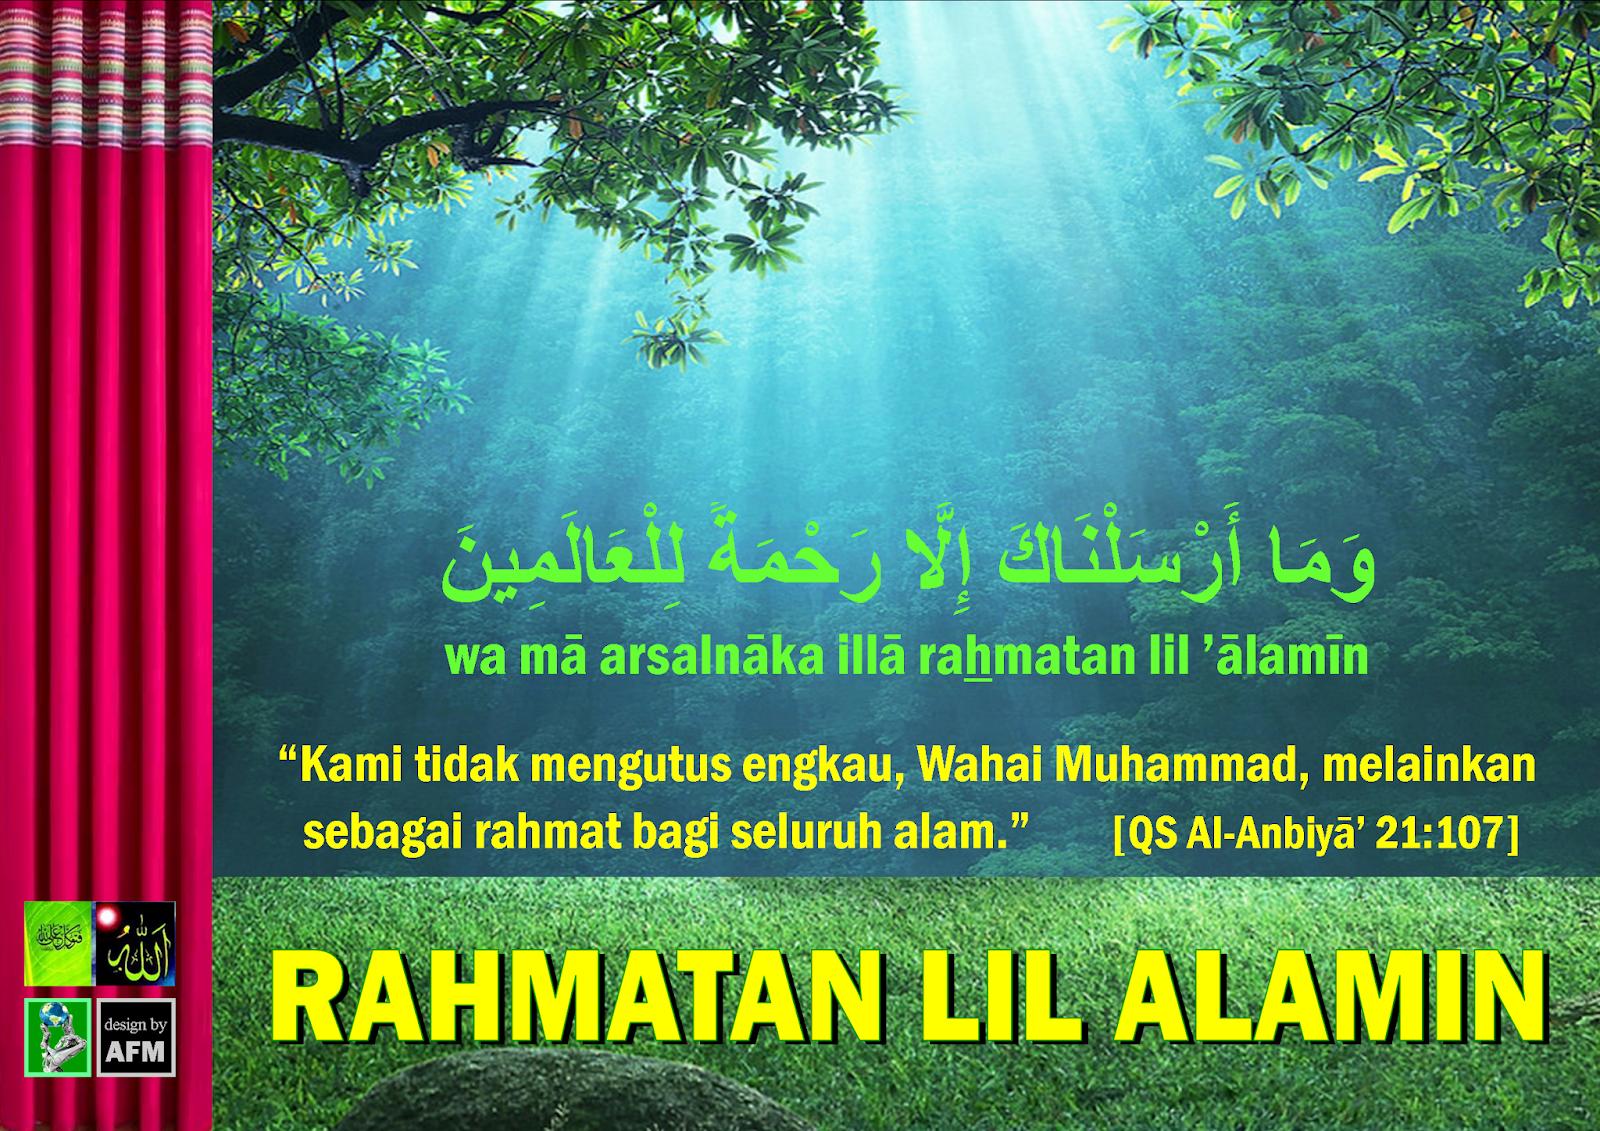 Hikmah Ilmu Pengetahuan Islam Rahmatan Lil Alamin